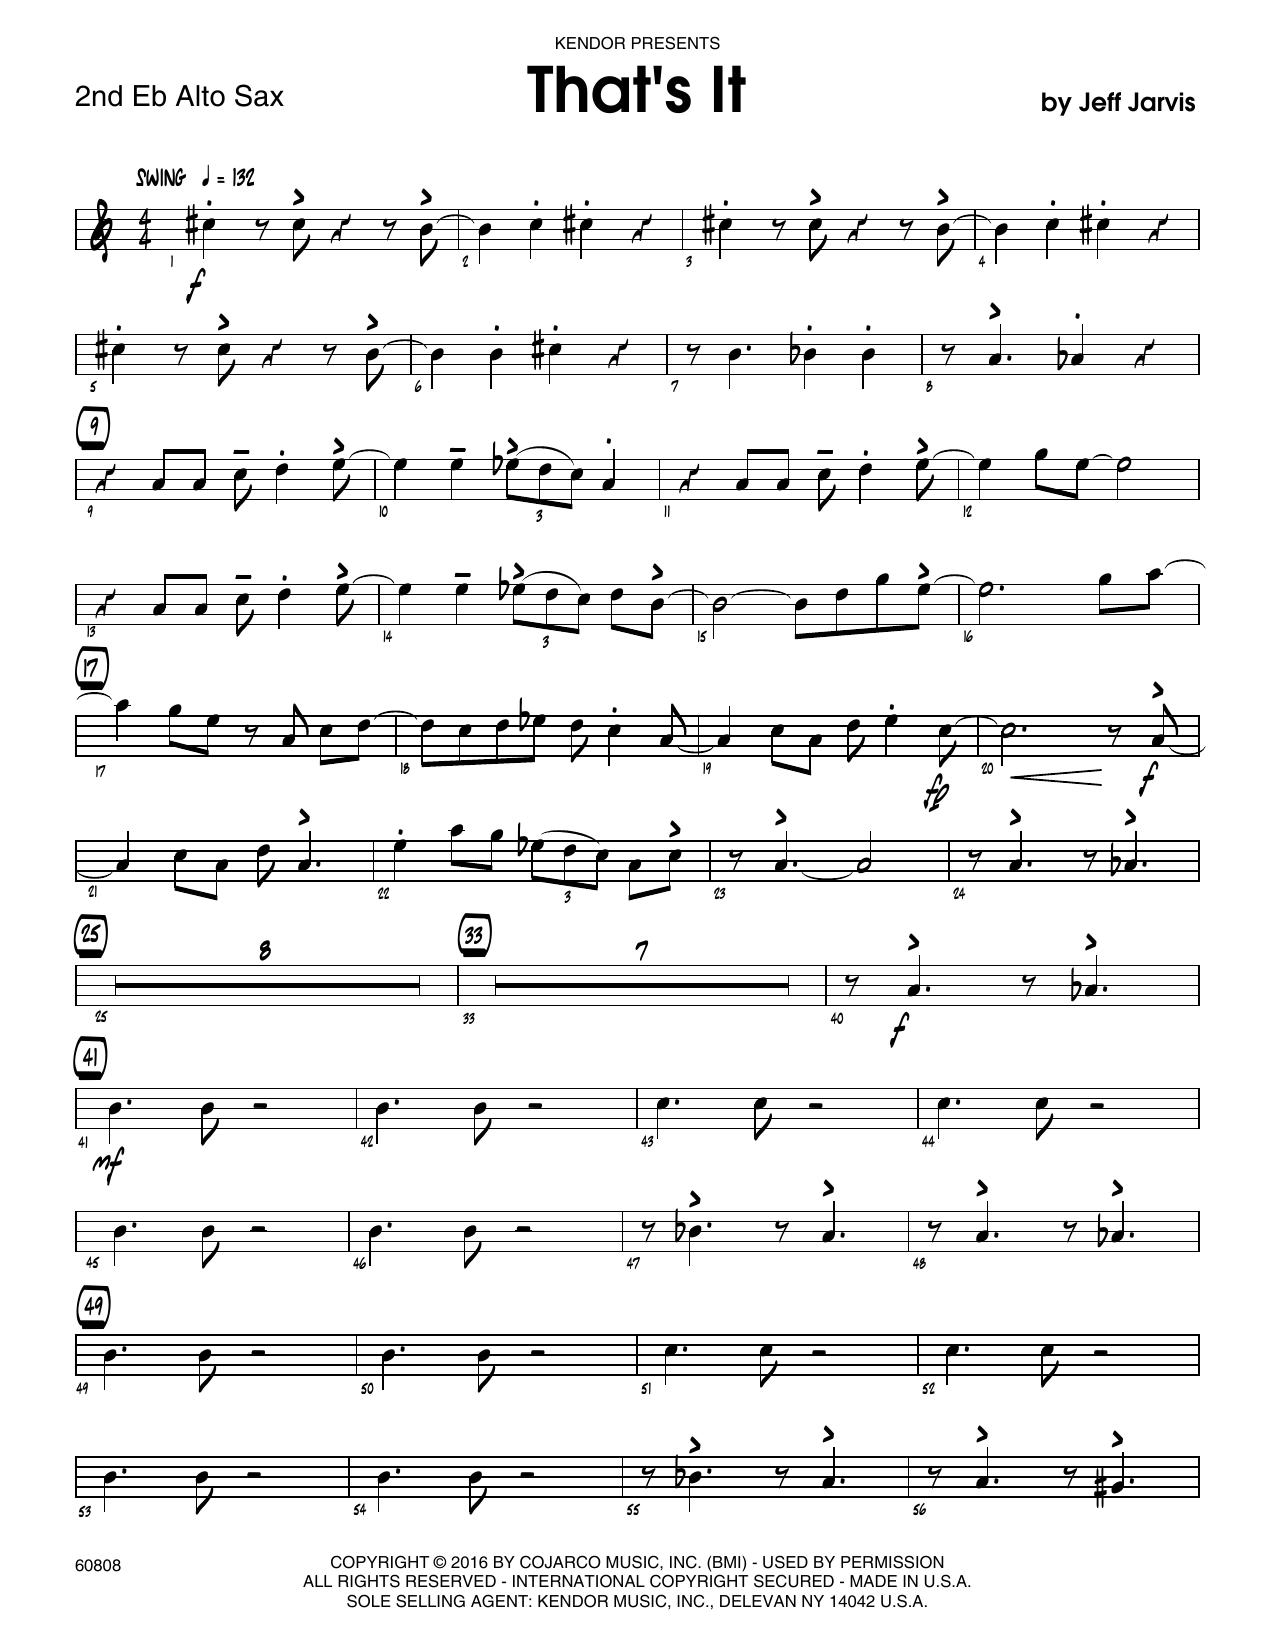 That's It - 2nd Eb Alto Saxophone Sheet Music